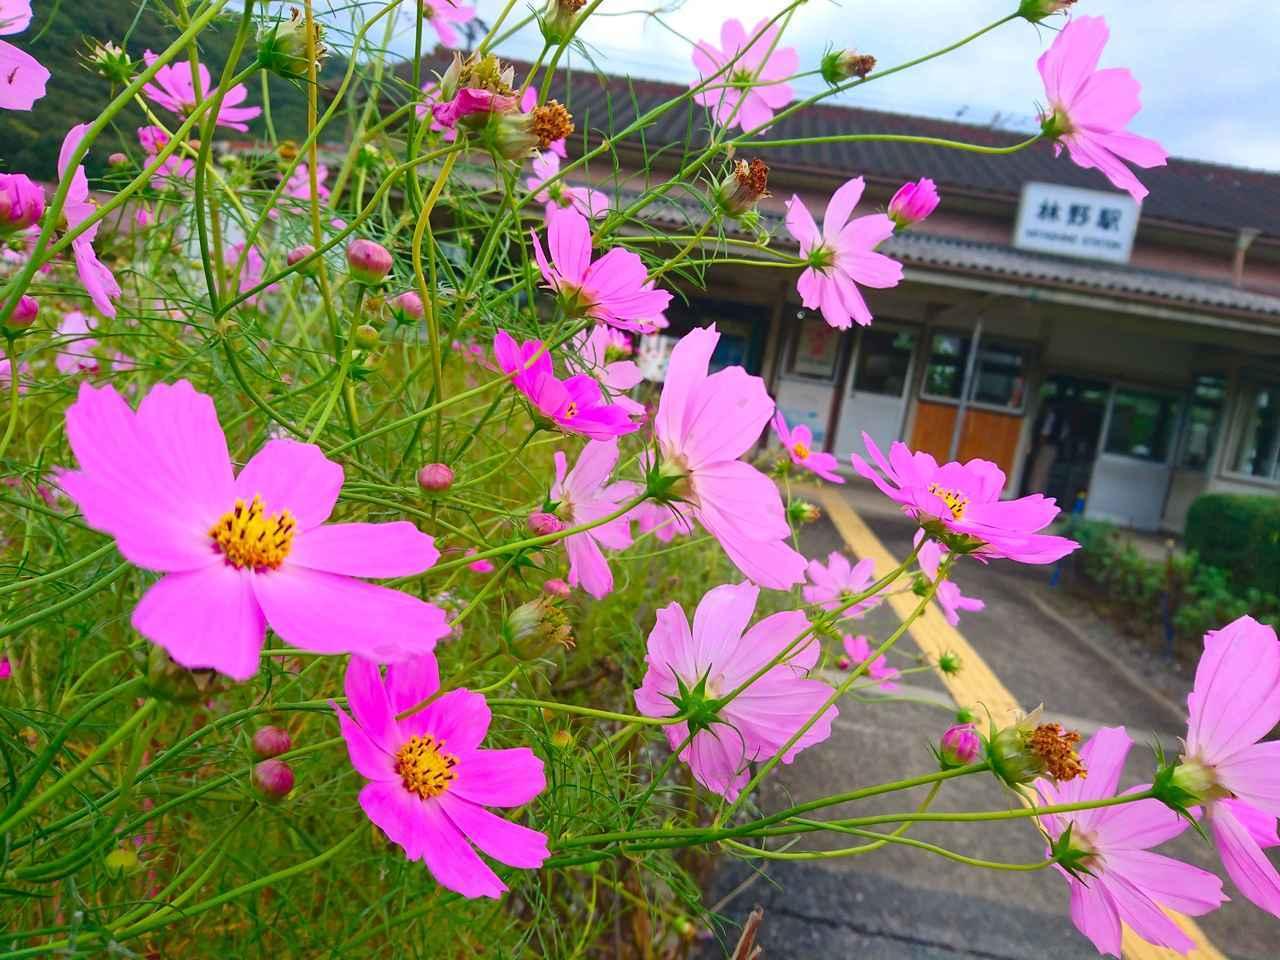 画像: 終点の林野は、レトロな駅舎と沢山のコスモスが咲く素敵な駅